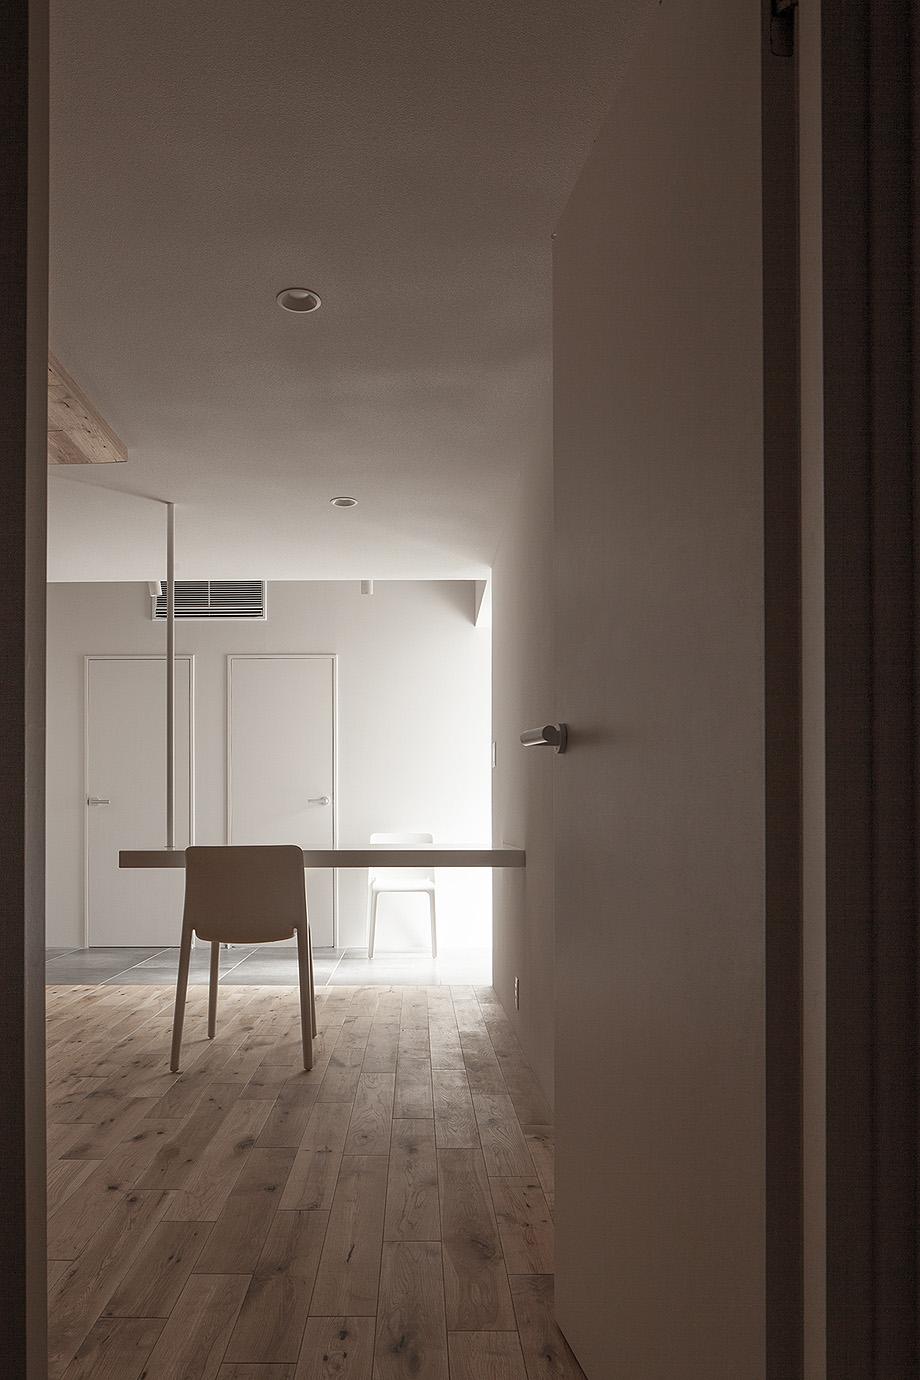 apartamento 201 de hiroyuki ogawa (9)